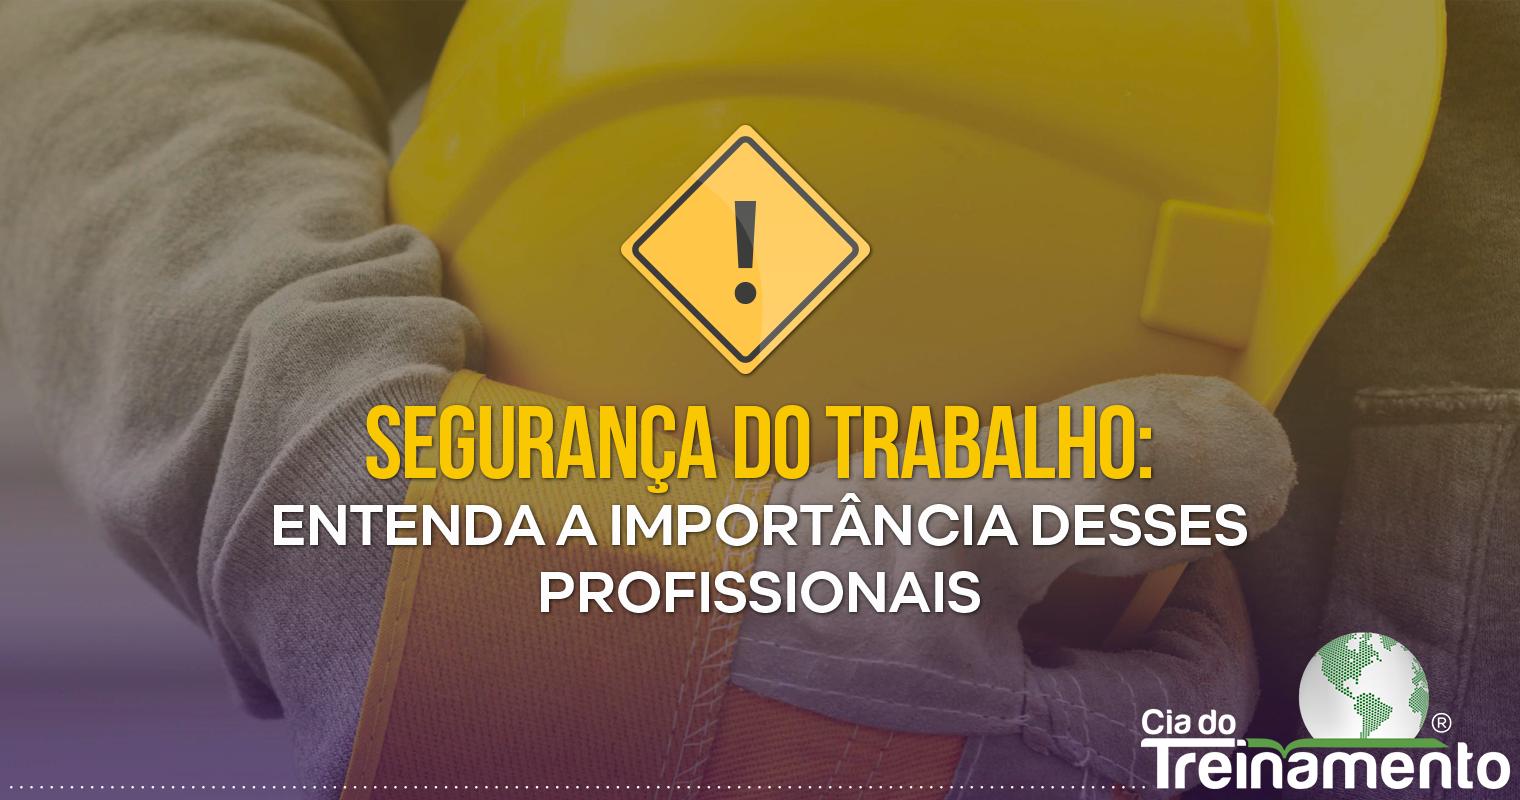 Segurança do Trabalho: Entenda a importância desses profissionais